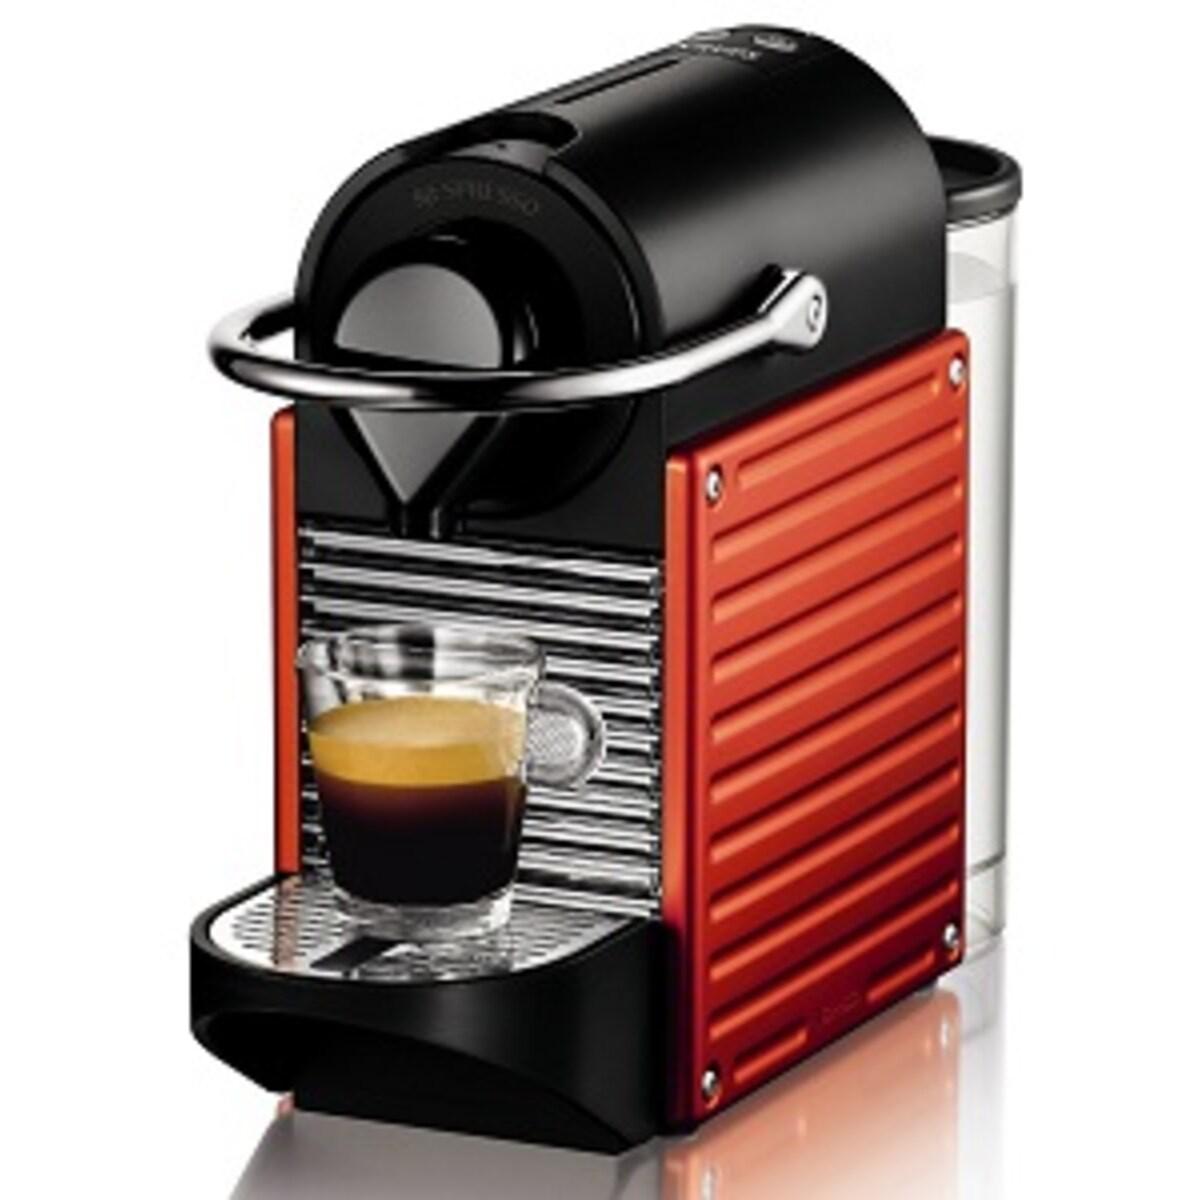 Nespresso Pixie DeLonghi Red